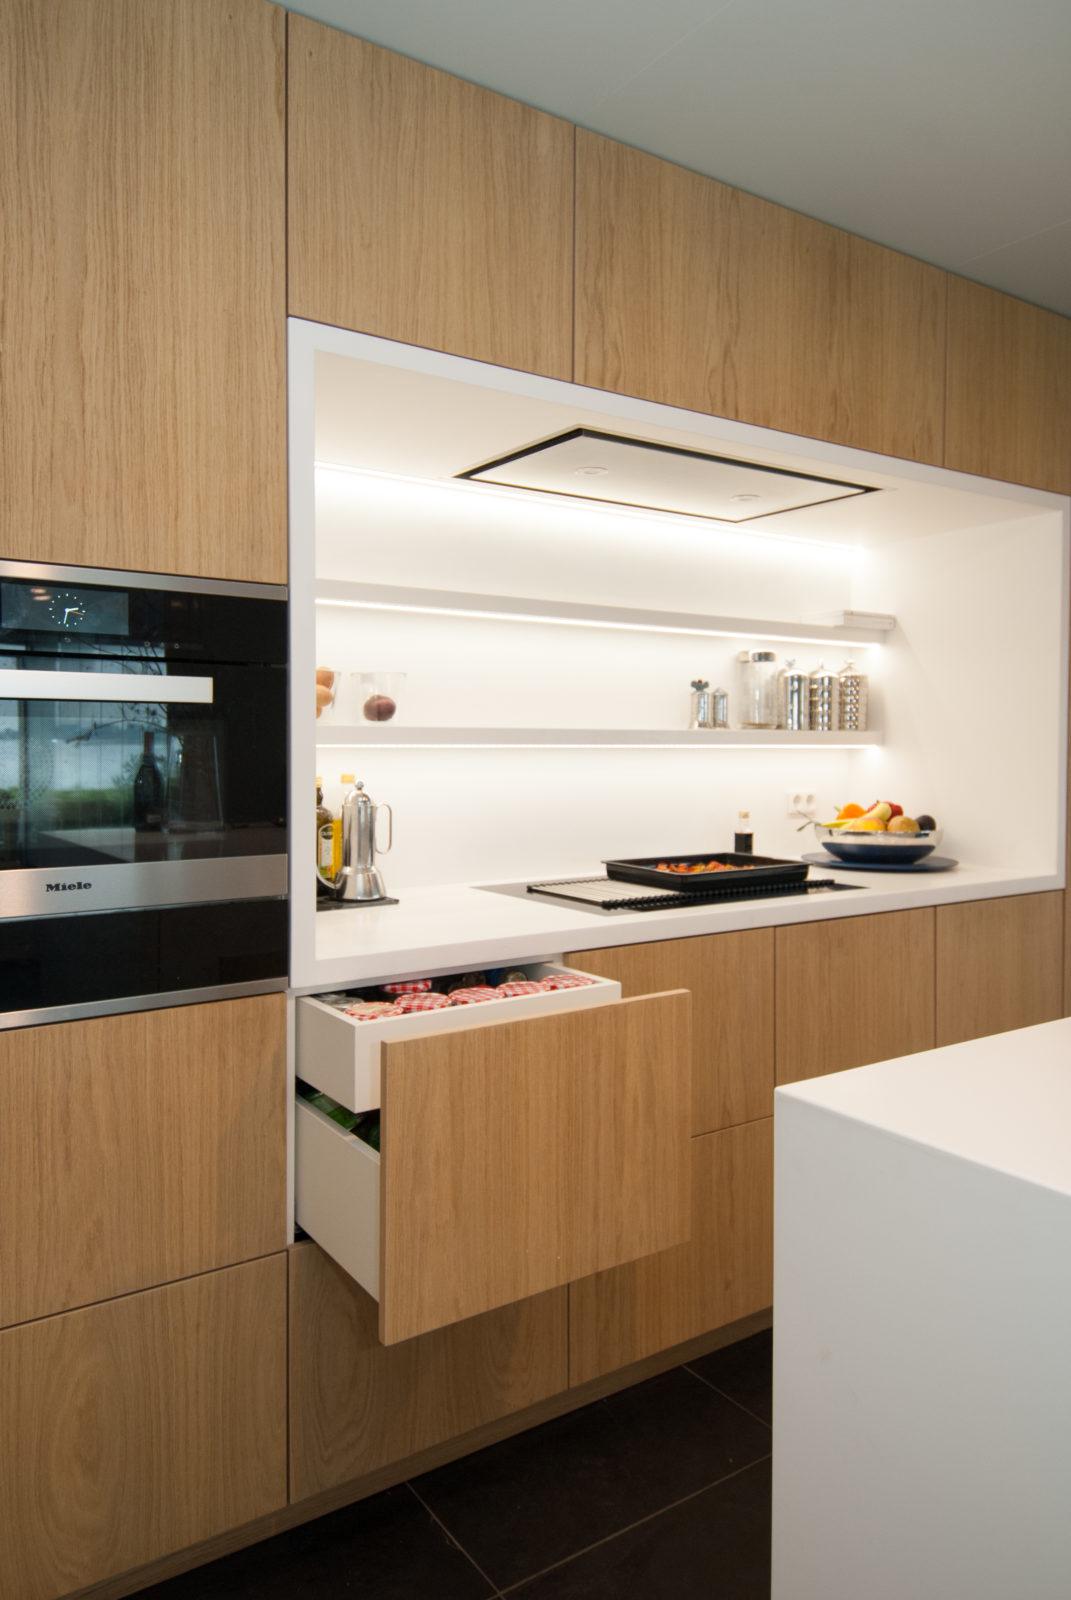 interieurbouw noteboom - keuken eiken met witte nis